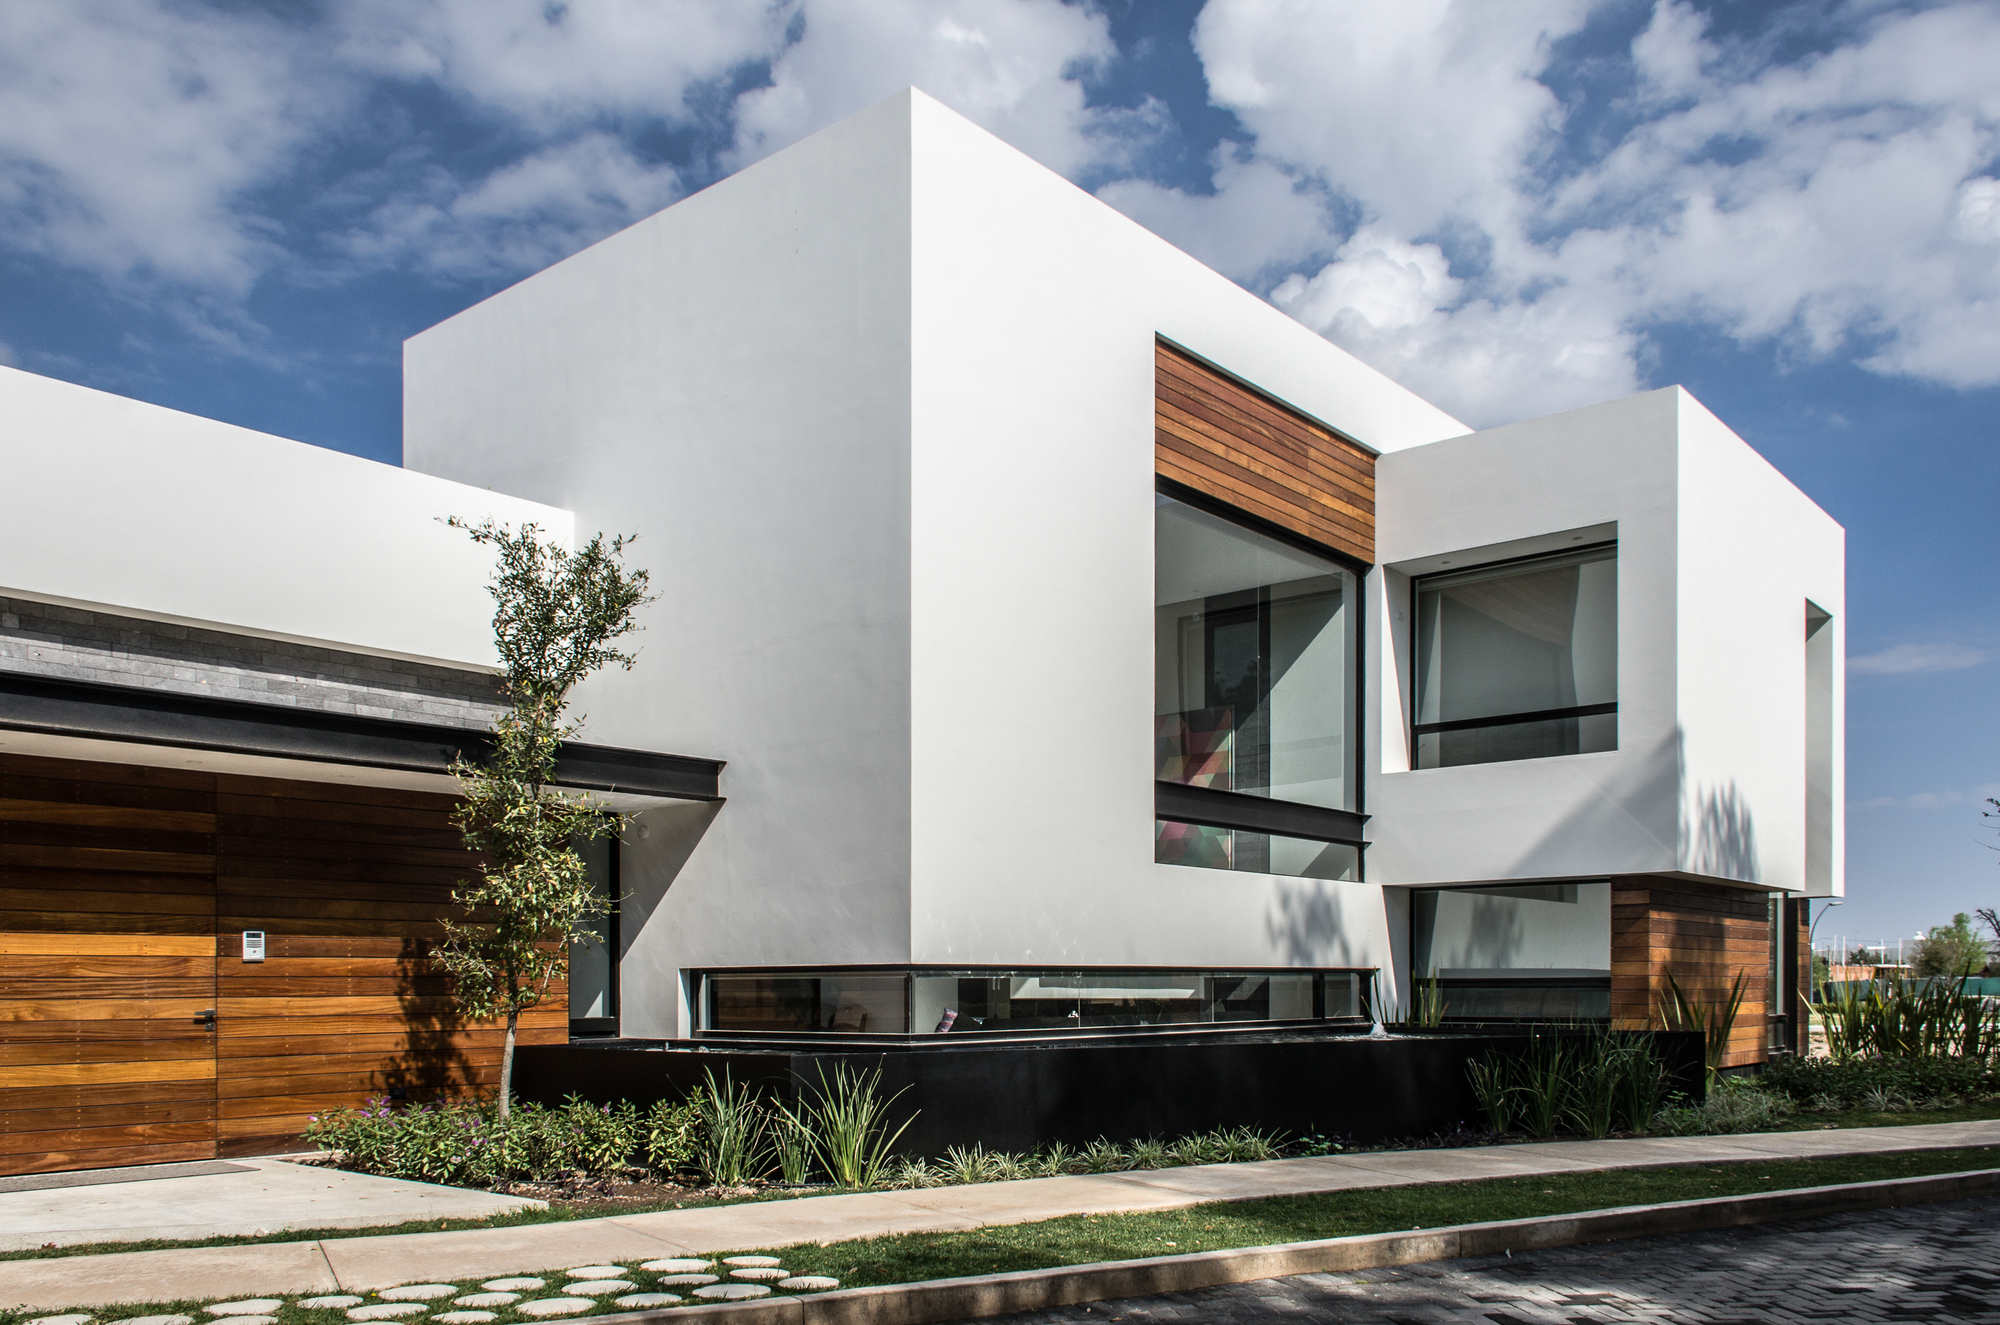 Galer a de casa agr adi arquitectura y dise o interior 16 for Blog arquitectura y diseno